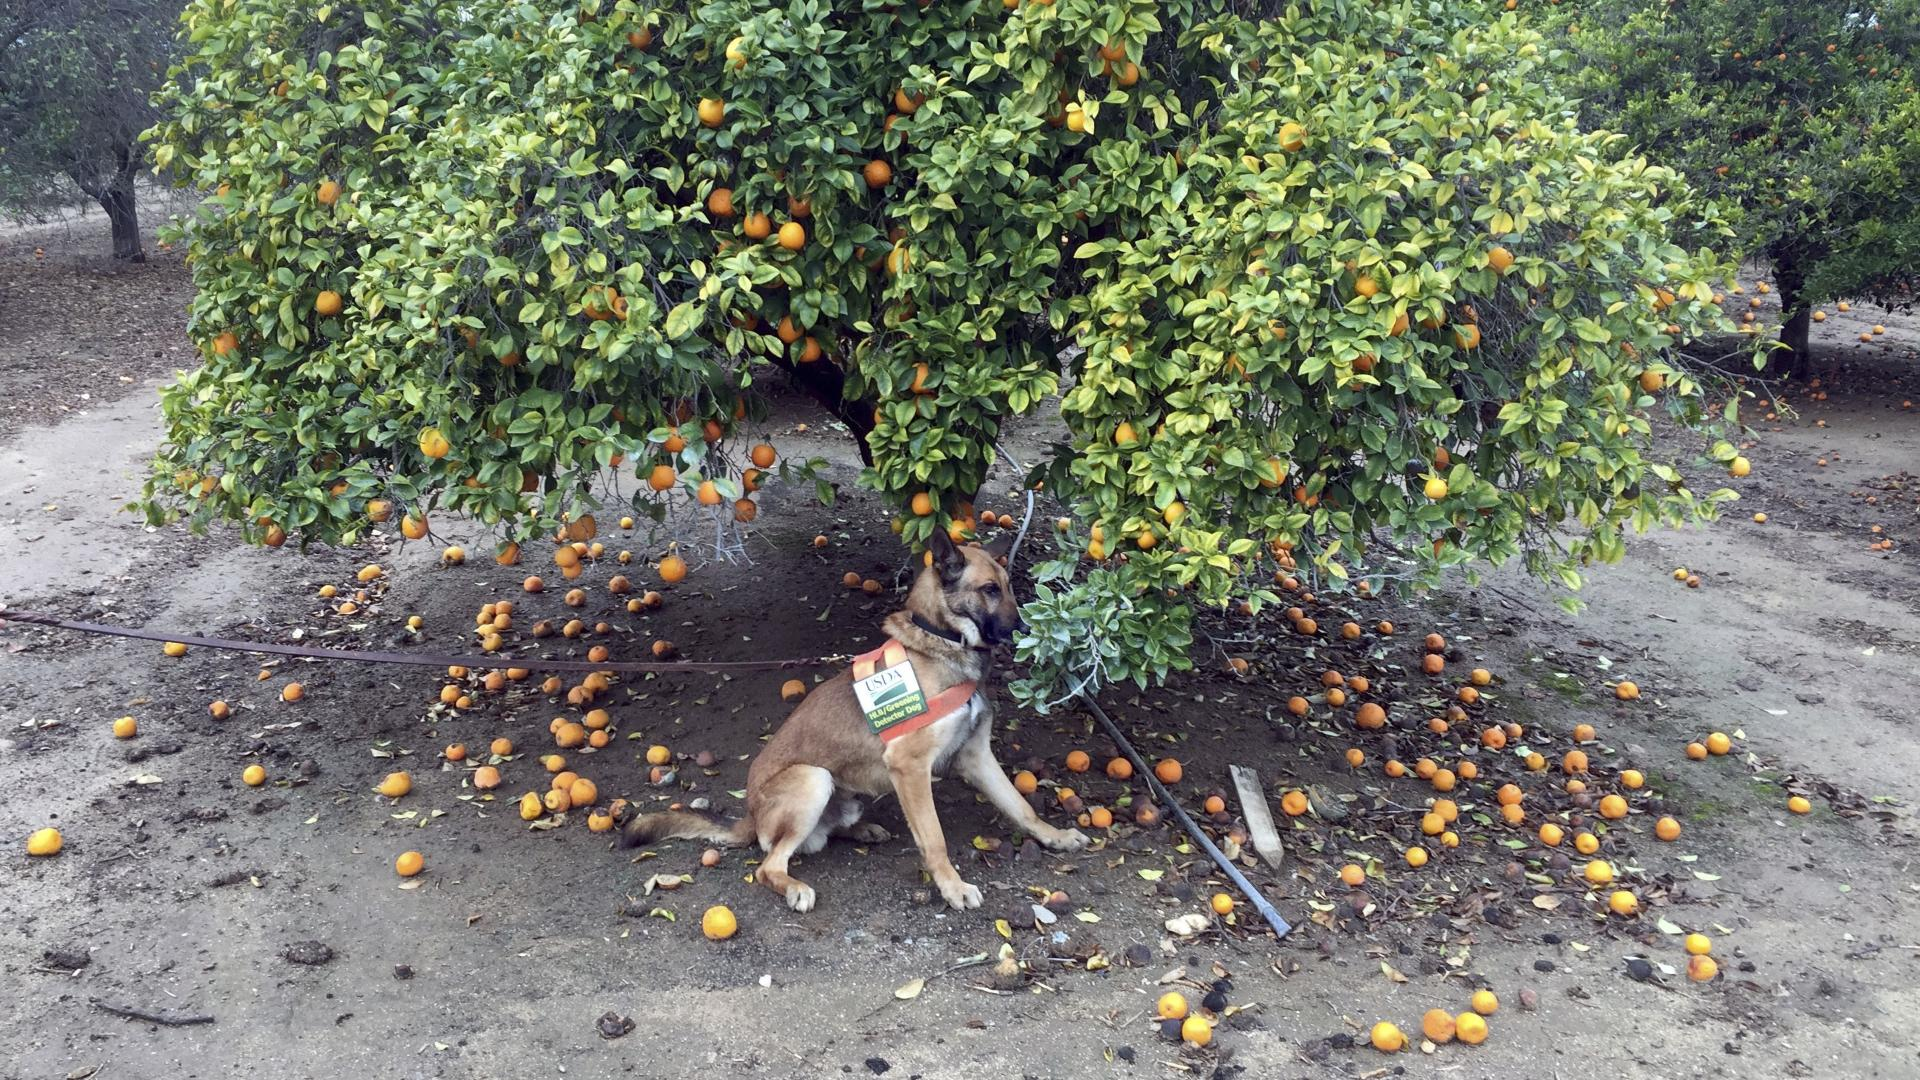 Собаки помогают предотвращать распространение болезни деревьев